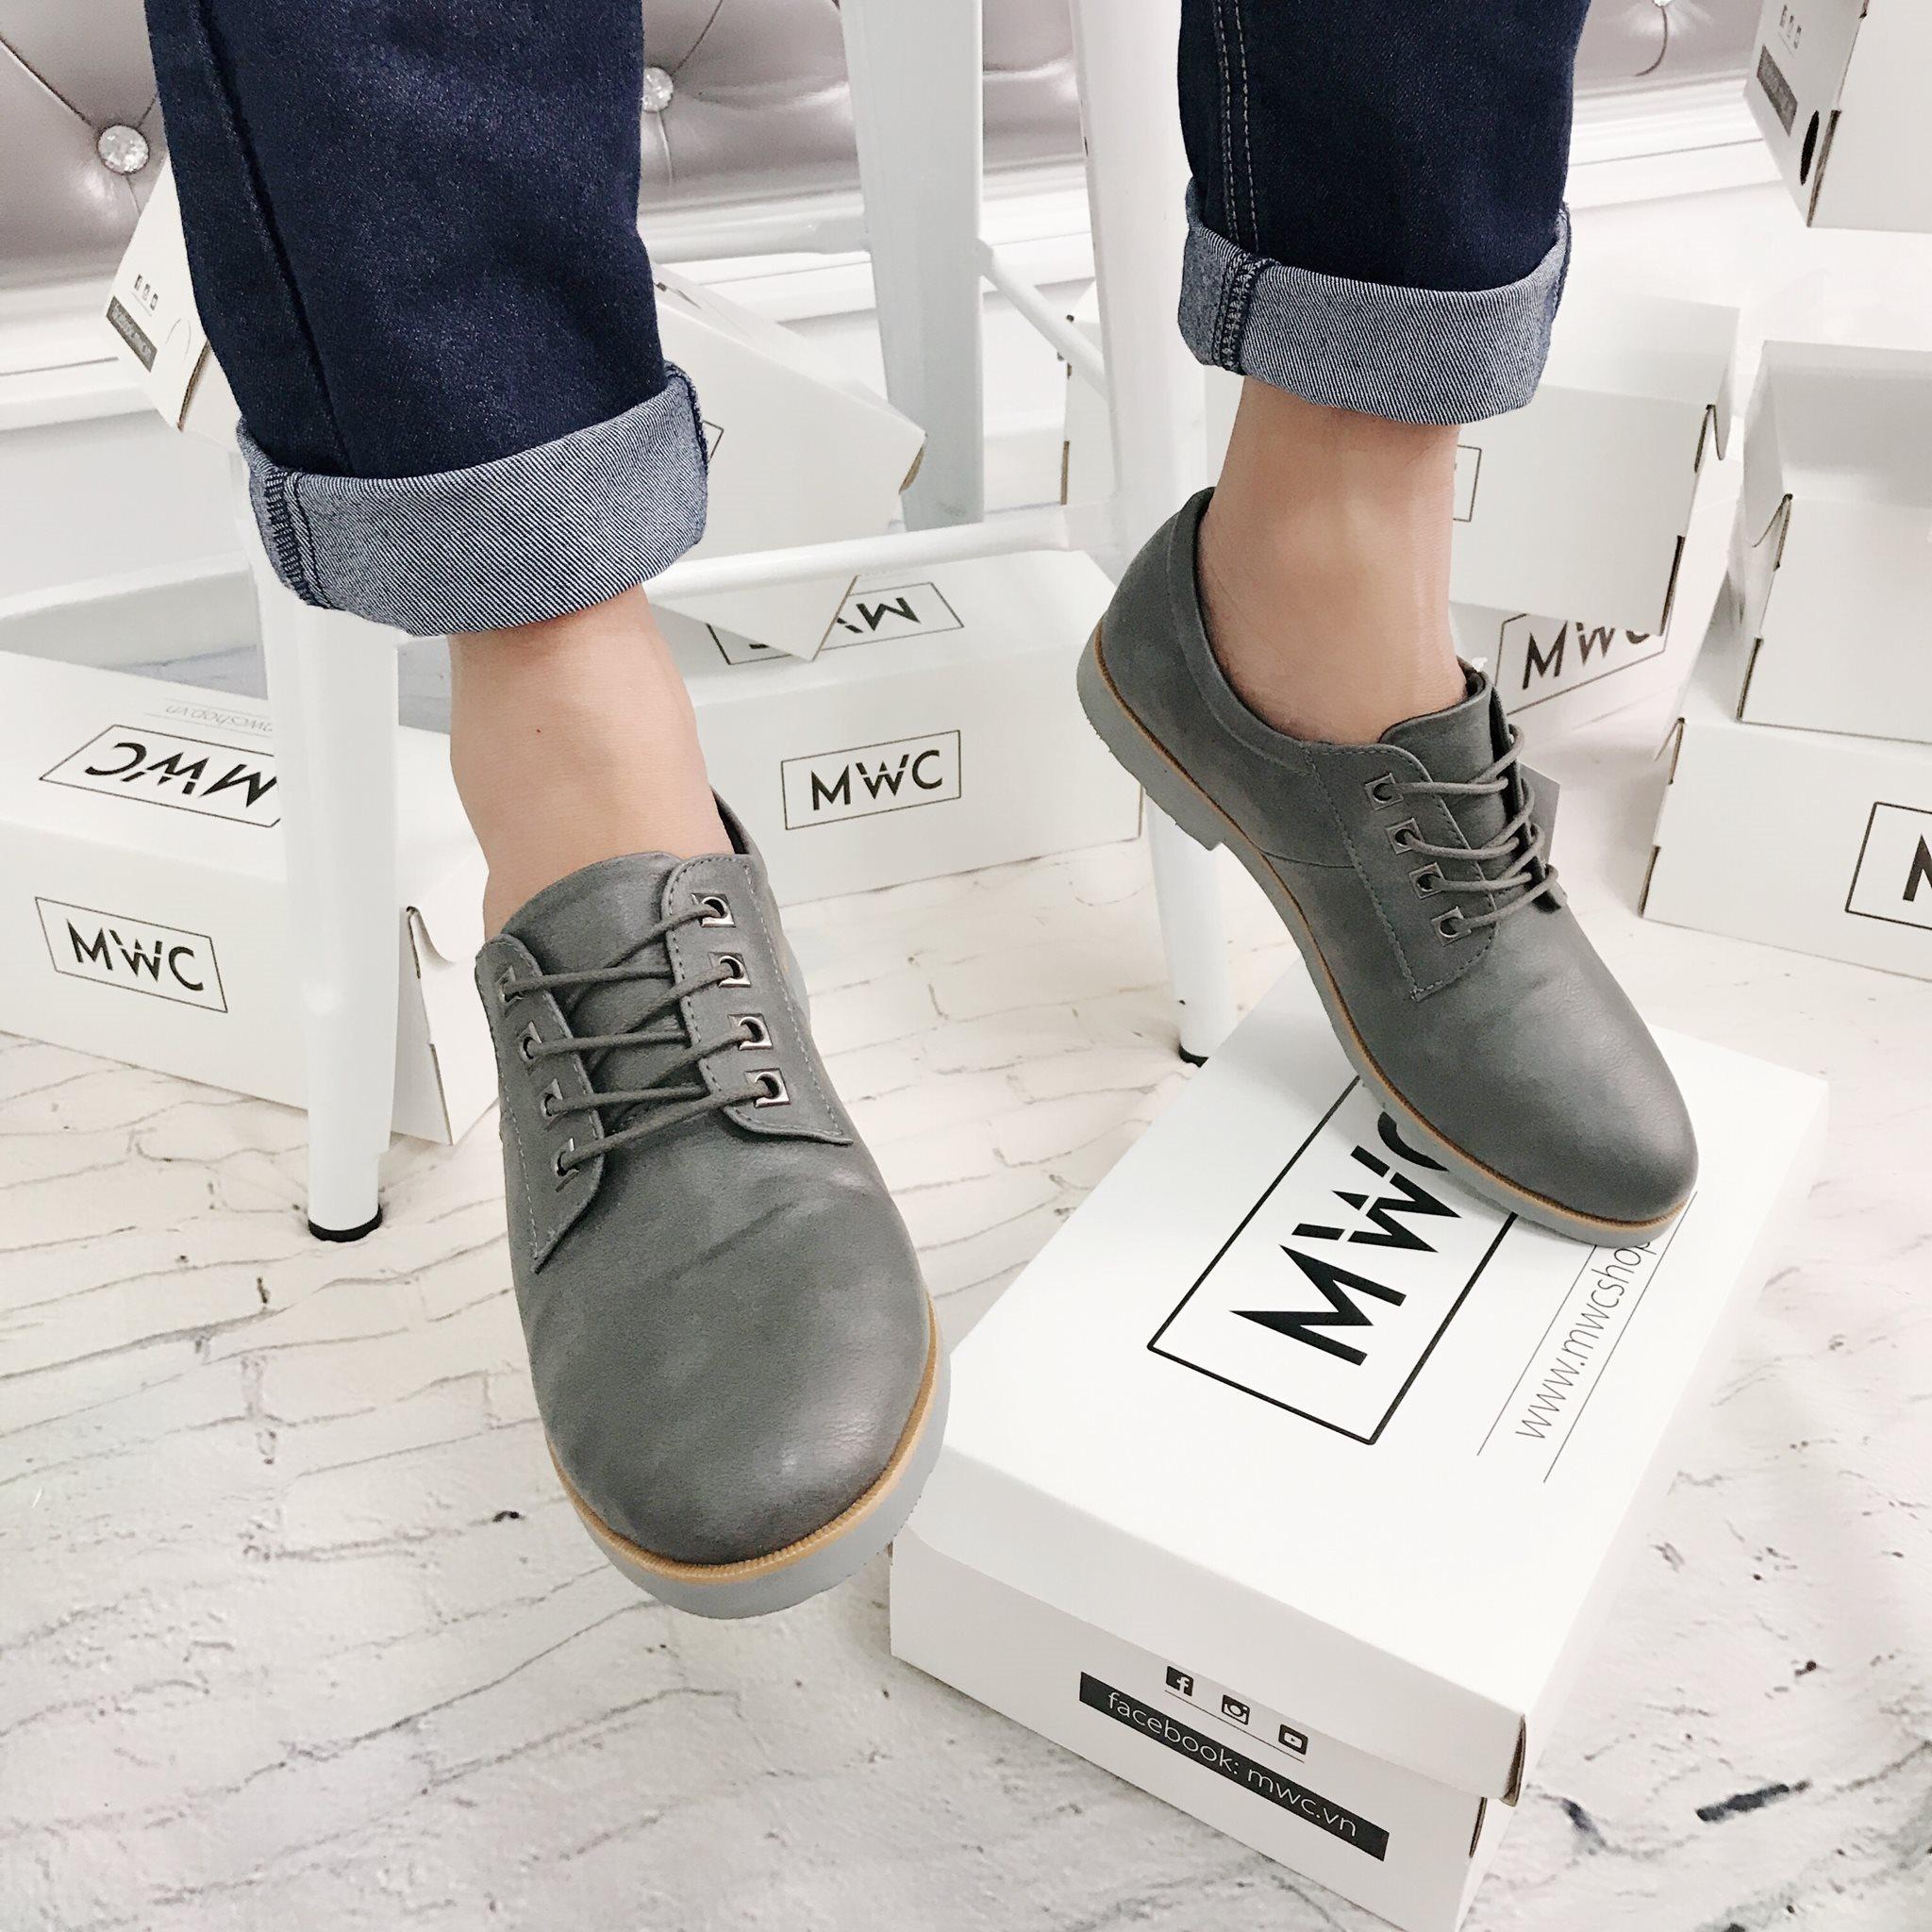 Nguồn hàng bán buôn giày dép Quảng Châu số một